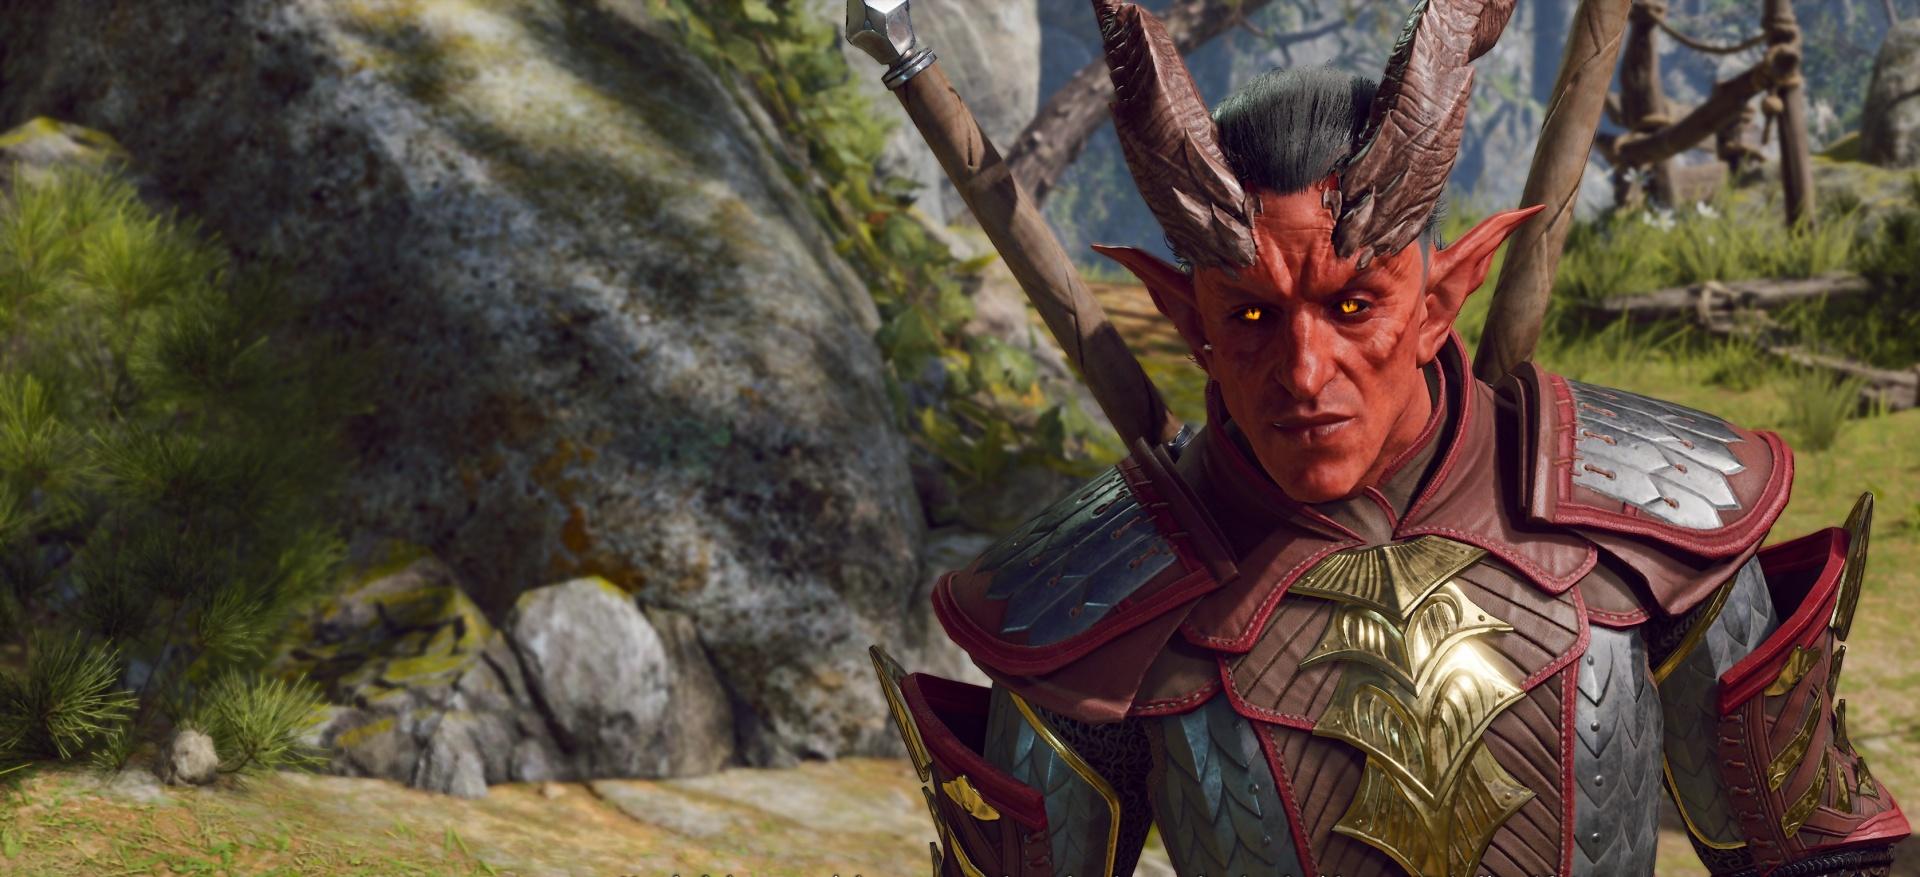 Утечка: первые скриншоты Baldur's Gate III — их много